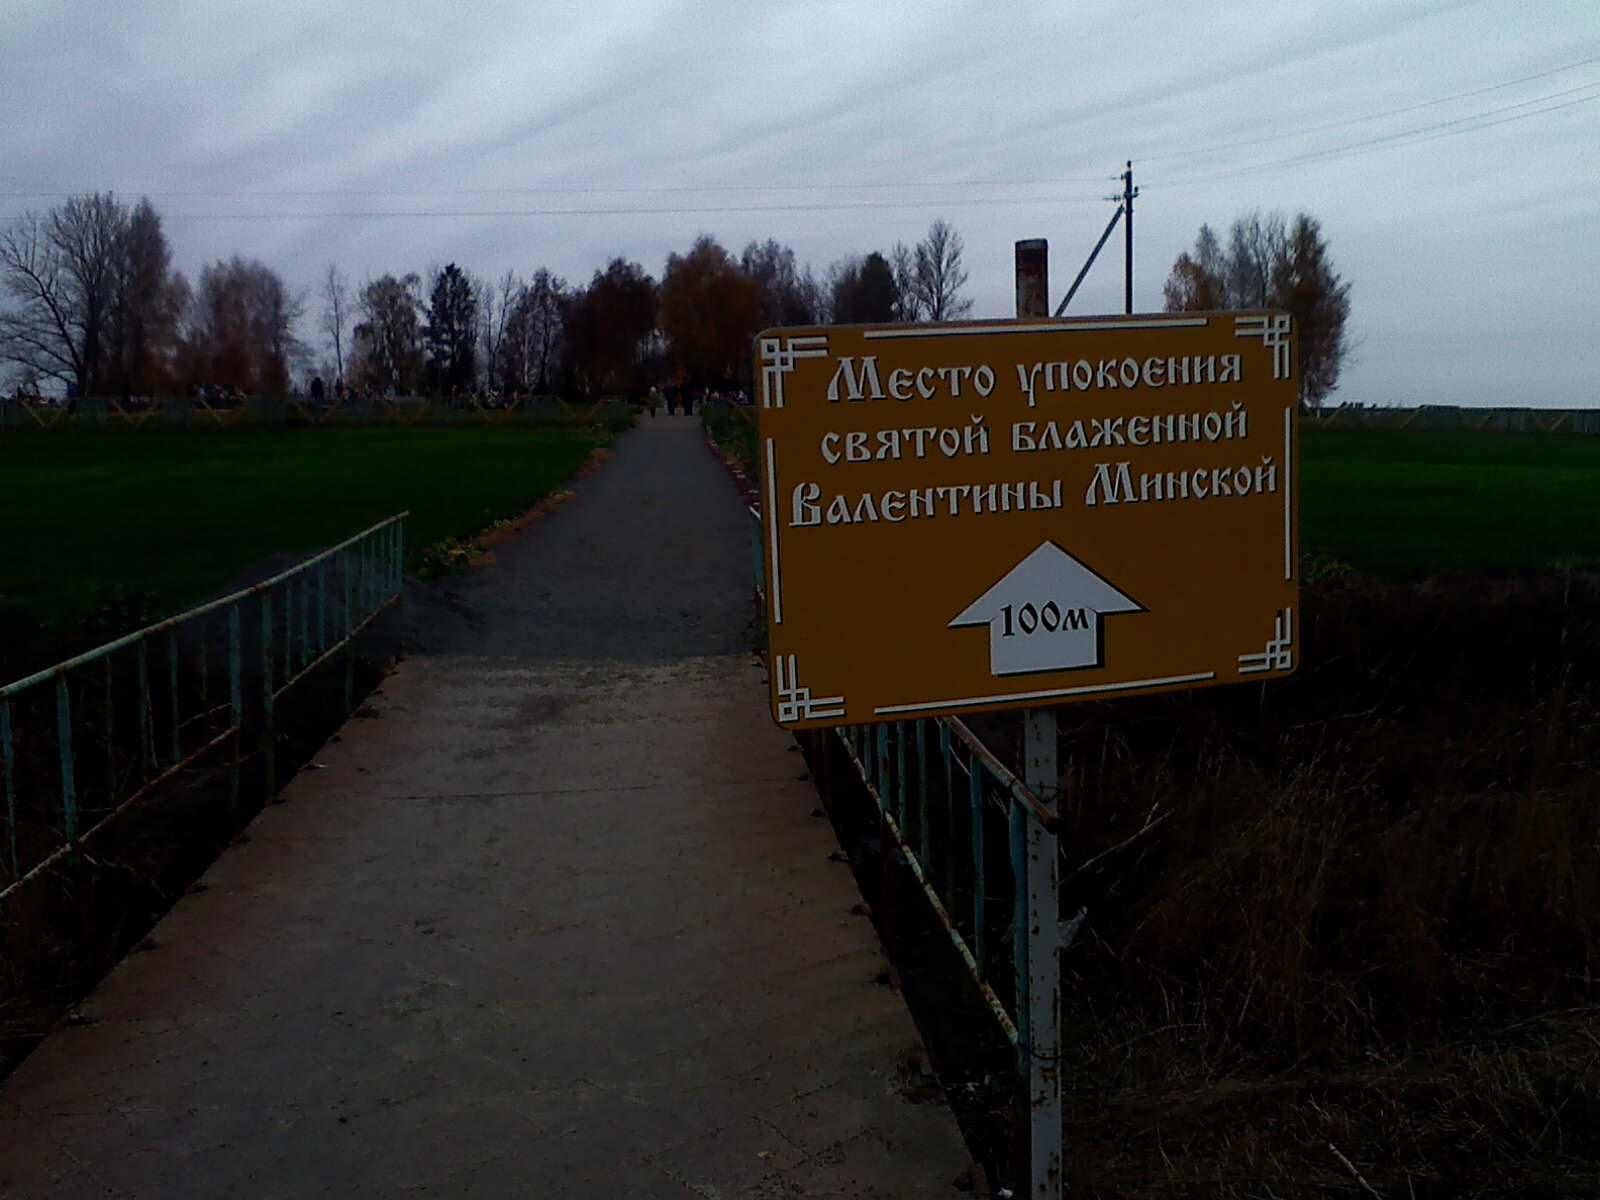 Место упокоения Блаженной Валентины Минской в 100 метрах от трассы Брест-Москва